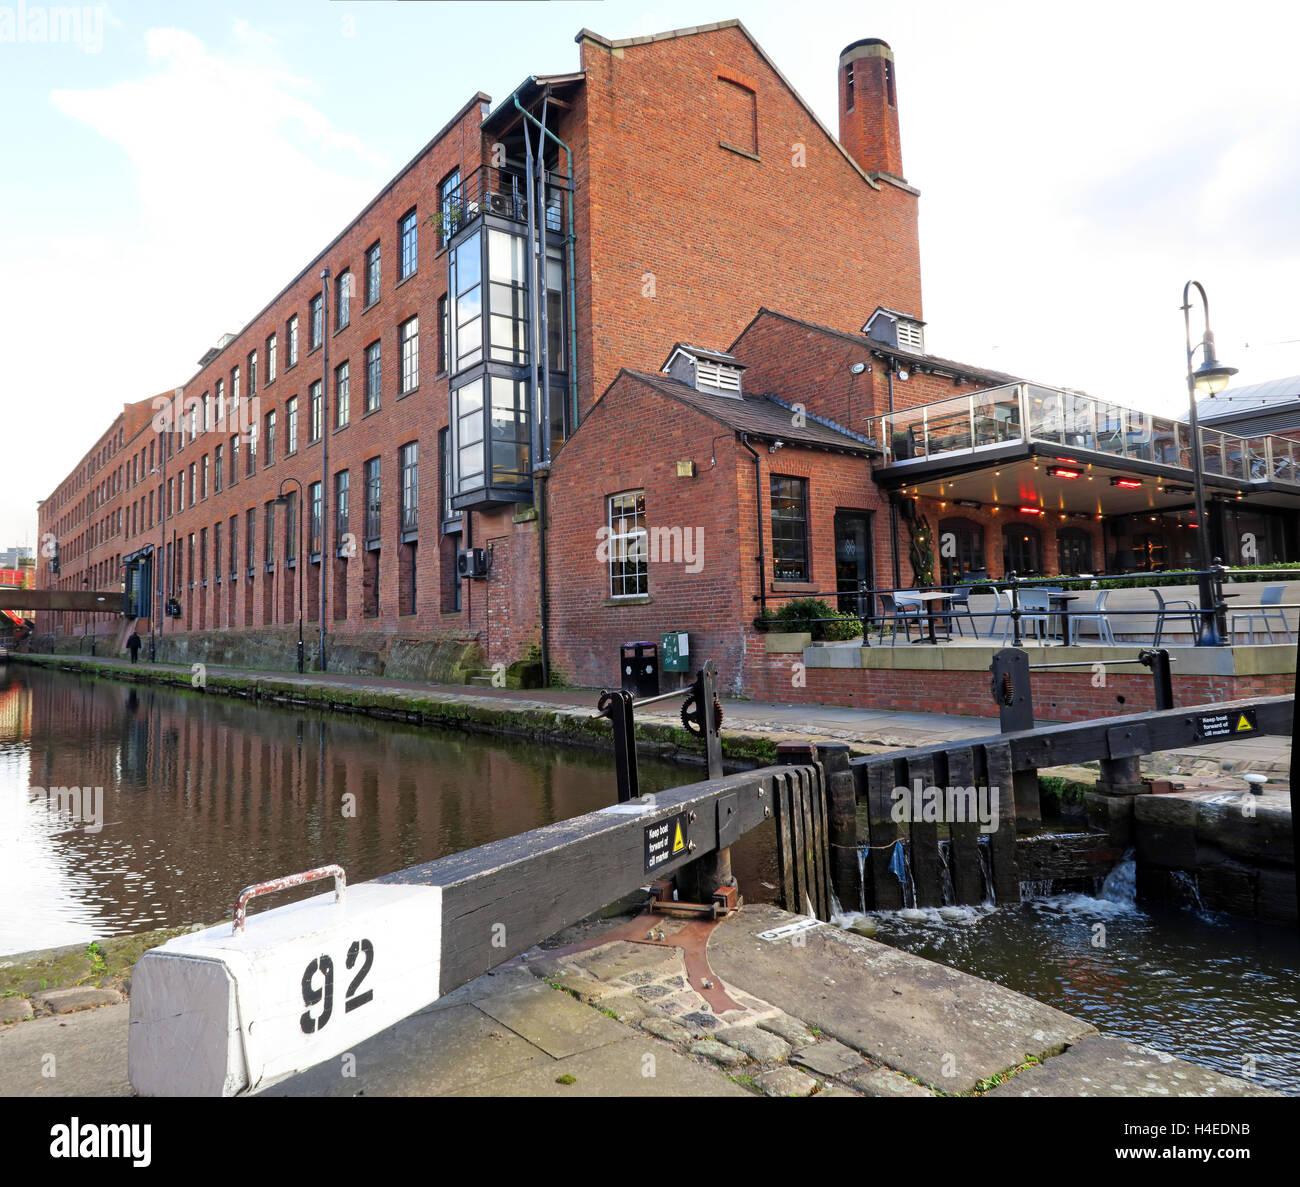 Laden Sie dieses Alamy Stockfoto Lock92, Rochdale Kanal Castlefield, Manchester City Centre, Lancs, England, Vereinigtes Königreich - H4EDNB